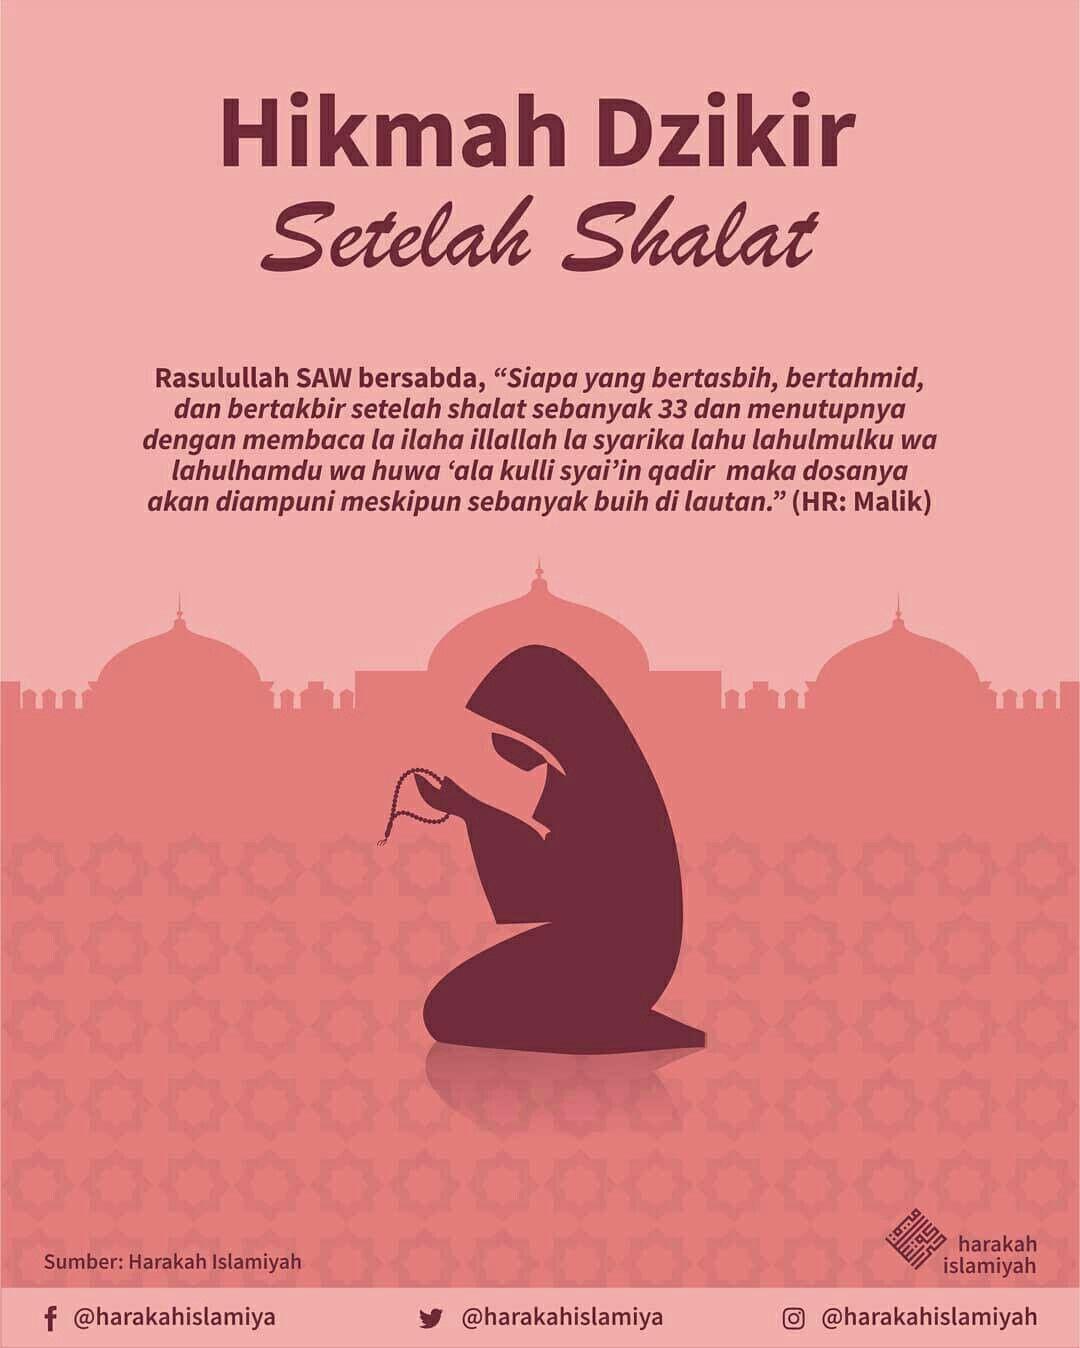 Usahakan Berdzikir Sebelum Shalat Doa Dzikir Sholat